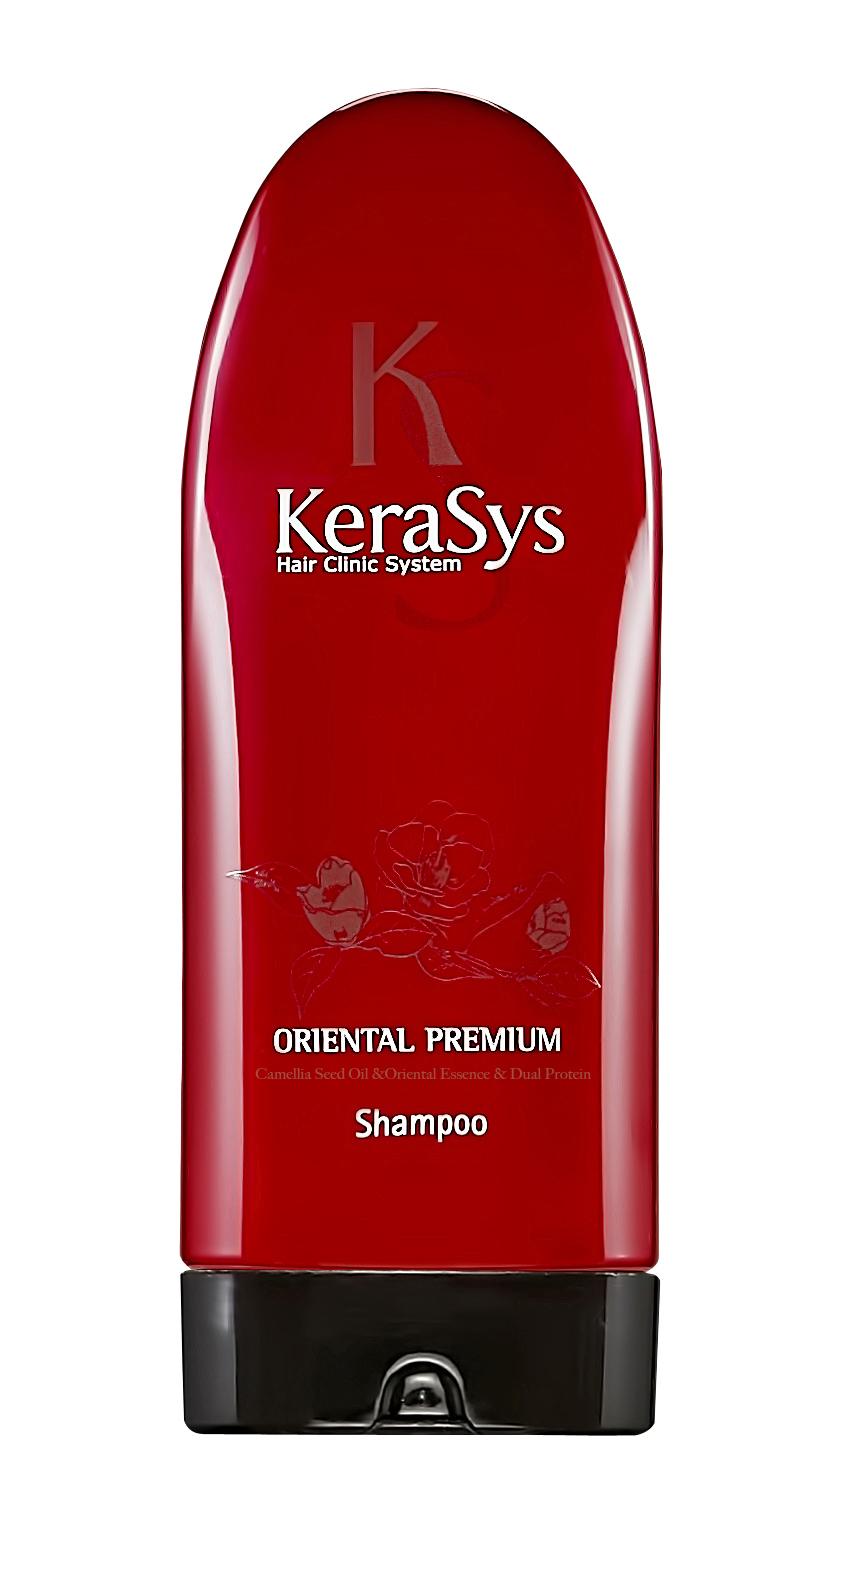 Kerasys Шампунь для волос Oriental, 200 г876237Специально разработанная формула для всех типов волос, в том числе поврежденных и ослабленных. Волосы обретают жизненную силу, блеск и эластичность. Оказывает солнцезащитное действие. Масло камелии укрепляет хрупкие и ломкие волосы, делает их шелковистыми по всей длине Кератиновый комплекс питает и разглаживает поврежденный волос. Композиция из шести традиционных восточных трав (женьшень, жгун-корень, орхидея, ангелика, гранат, листья камелии) укрепляет корни волос и предотвращает преждевременное выпадение. Kerasys - это линия средств профессионального уровня для ухода за различными типами волос в домашних условиях. Характеристики: Вес: 200 г. Артикул: 876237. Производитель: Корея. Товар сертифицирован.